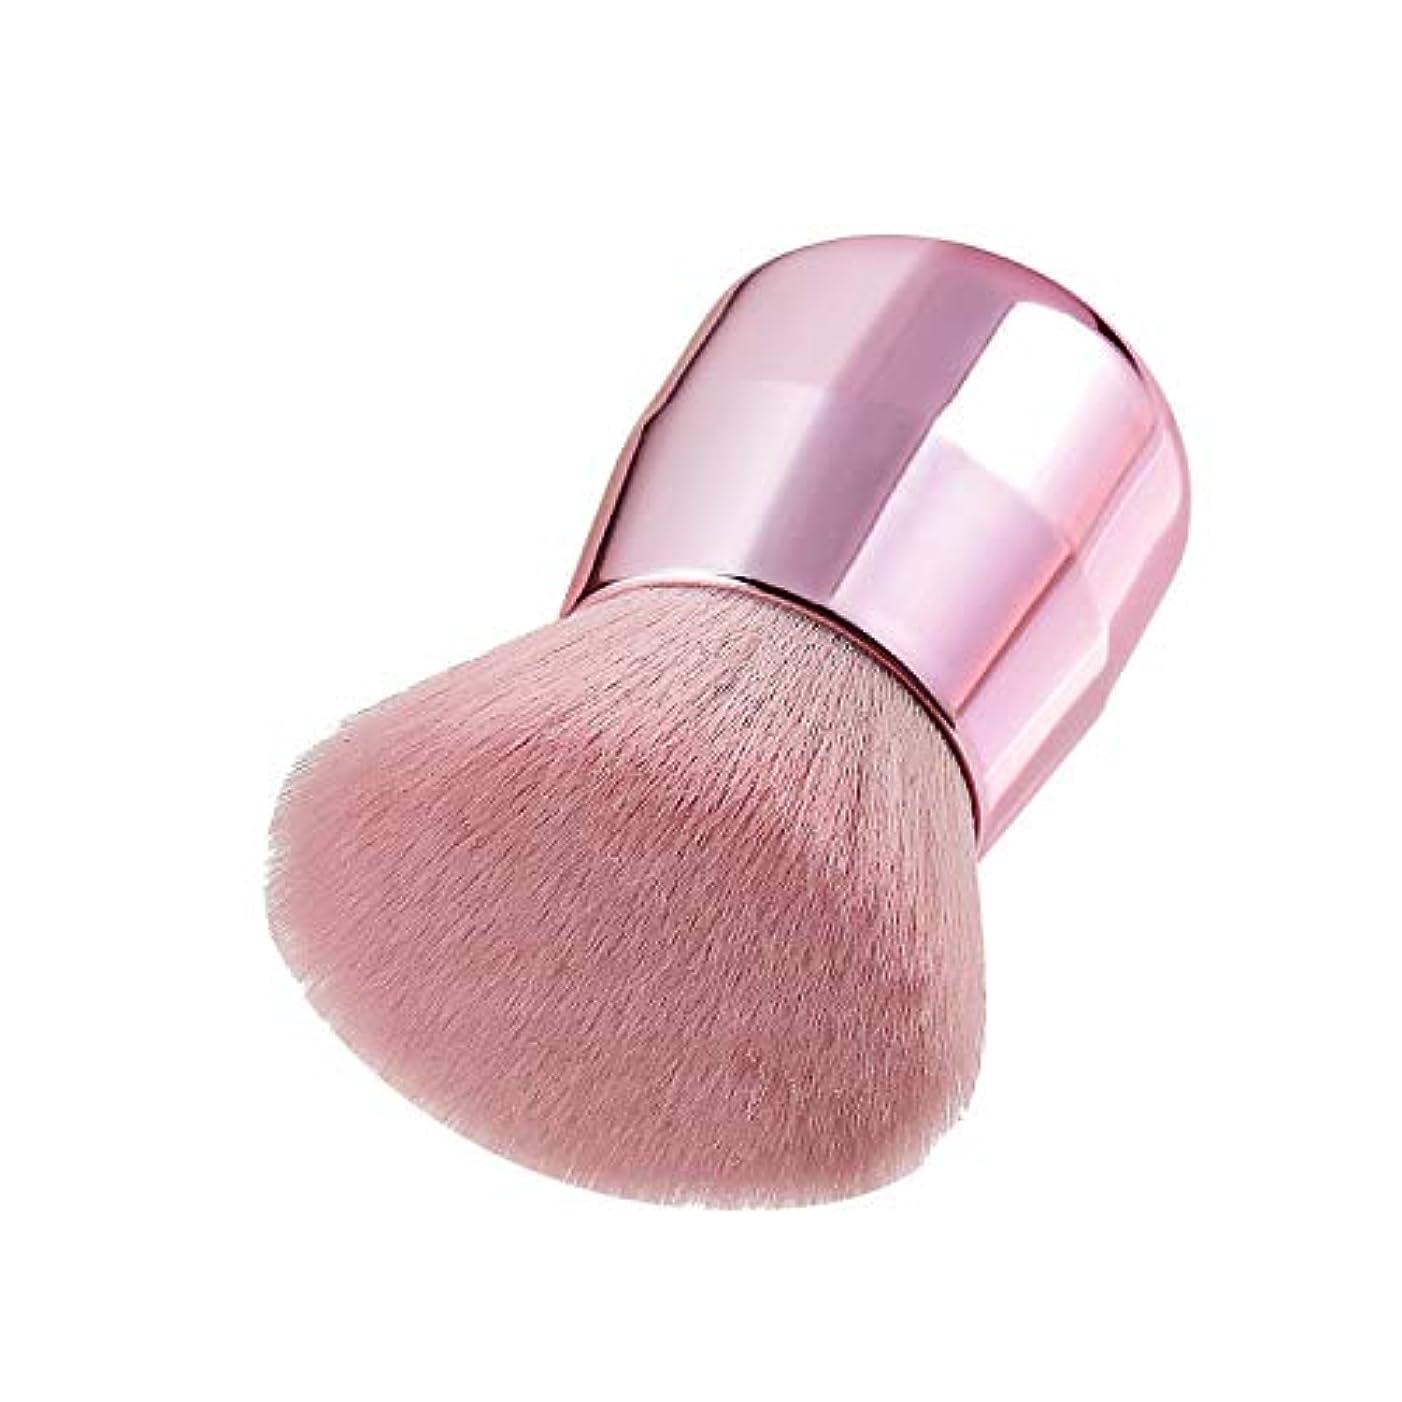 動バイナリすごいMakeup brushes ピンクのティルティングパウダーブラシポータブル著名な化粧ブラシハニーパウダーブラシブラッシュブラシ suits (Color : Rose Gold)